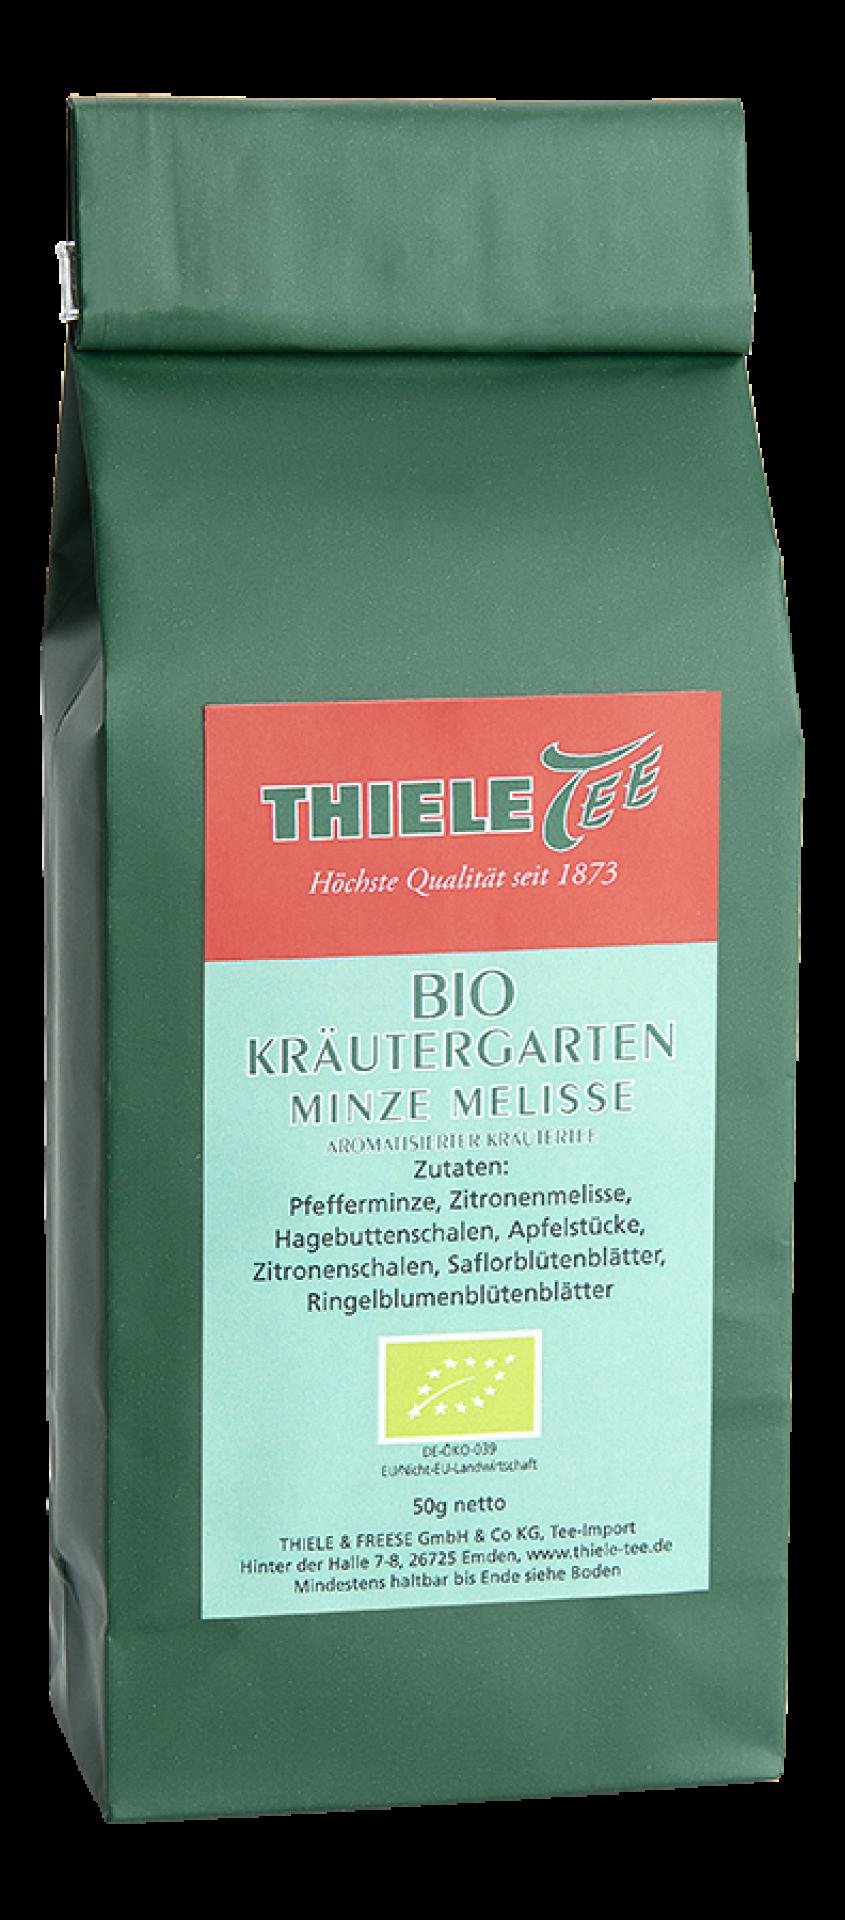 BIO Kräutergarten Minze-Melisse 50g